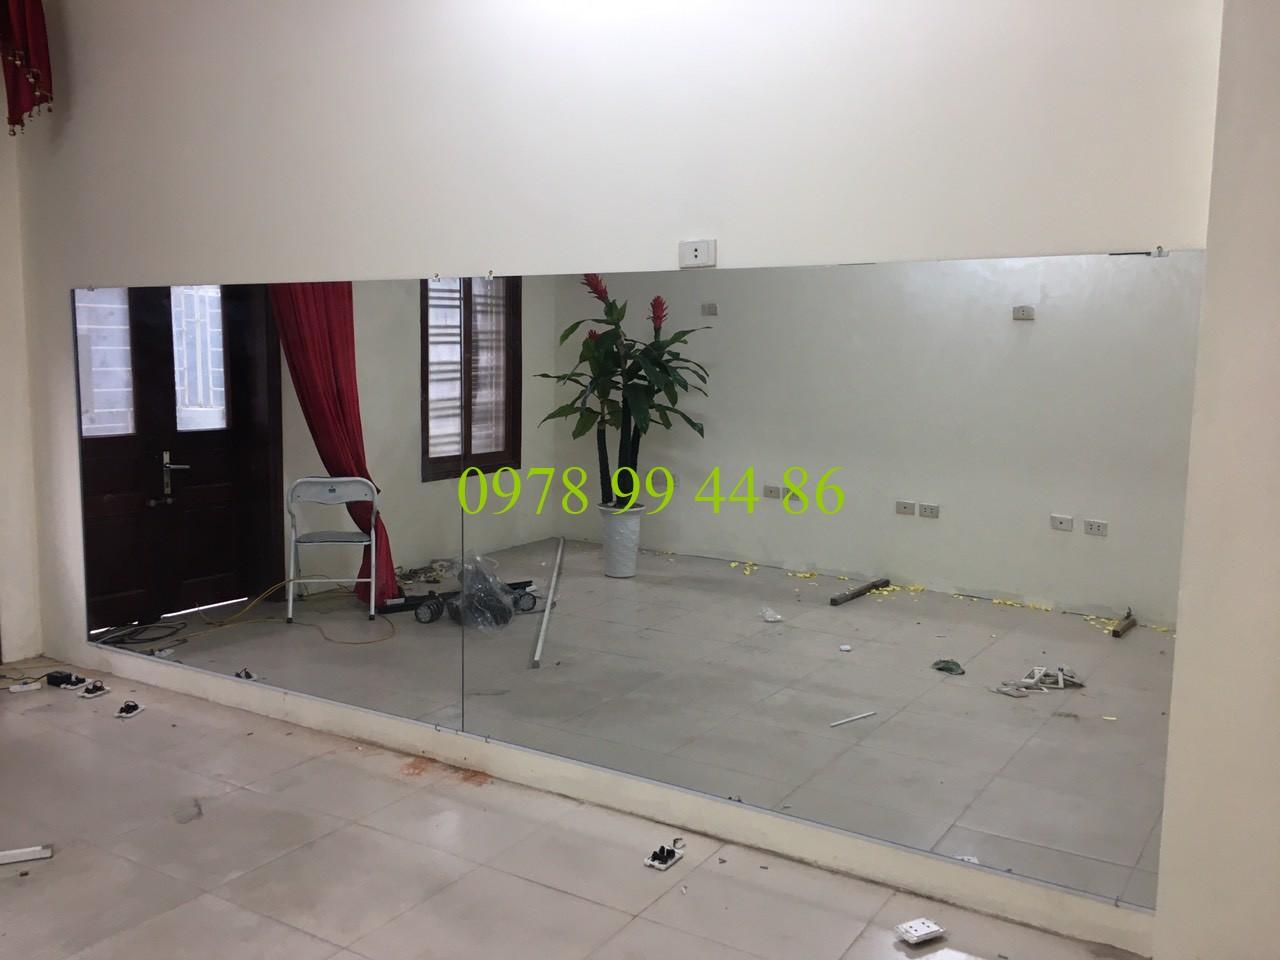 gương phòng tập 1321 Top 3 sản phẩm gương được ưa chuộng tại gương phòng tập